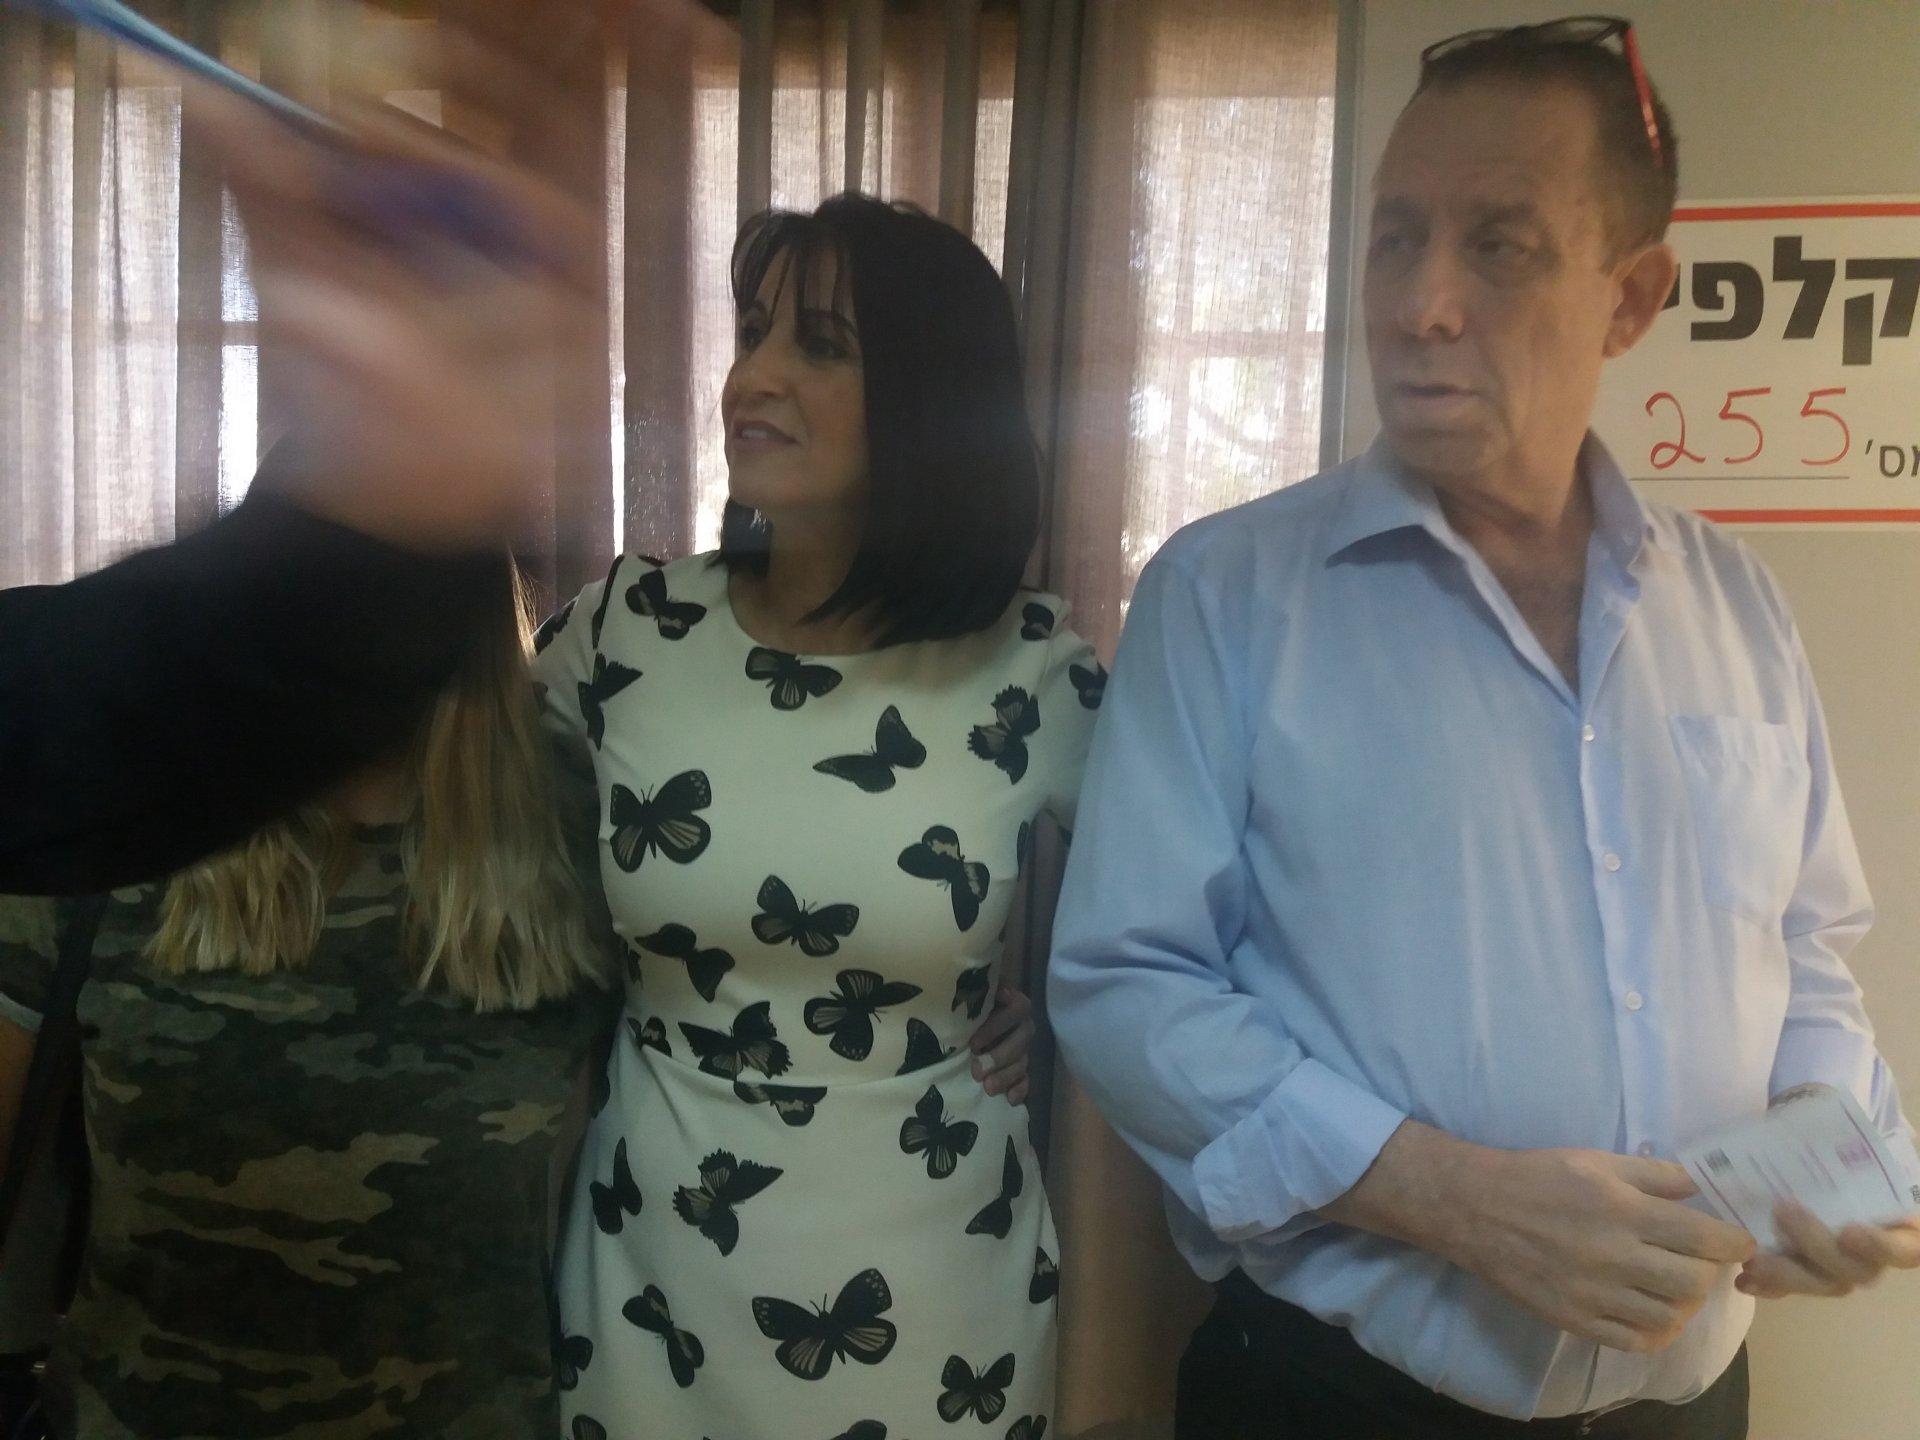 הלן ואבי גלבר בקלפי. צילום: שני מלכה